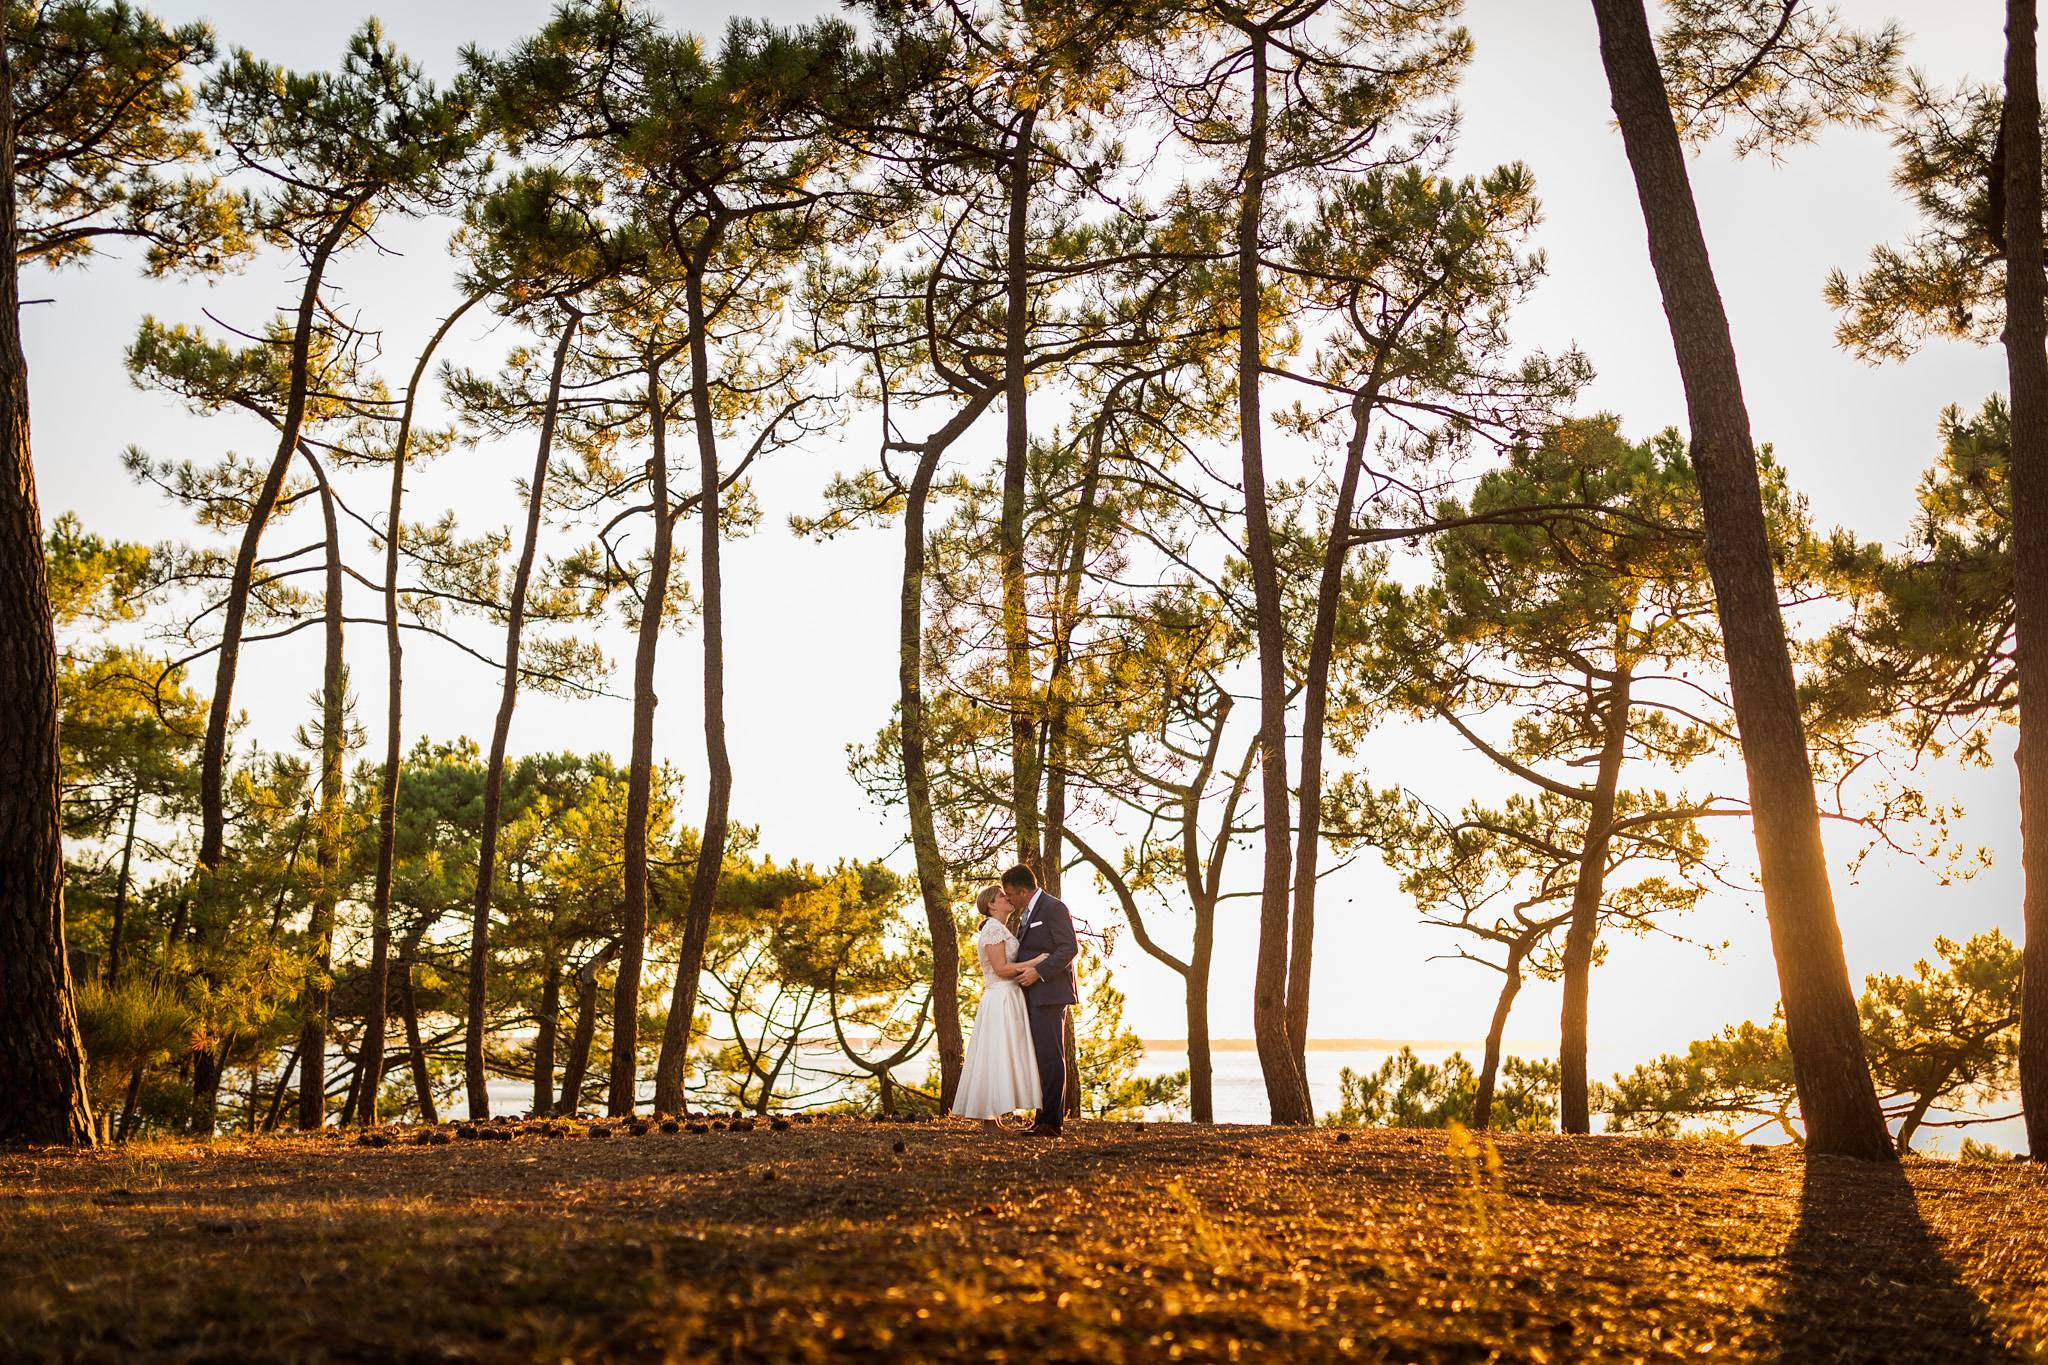 Photographe du mariage au Tir au Vol d'Arcachon, en face du Bassin d'Arcachon, avec Suzanne et Lionel qui venaient de Dallas aux USA.